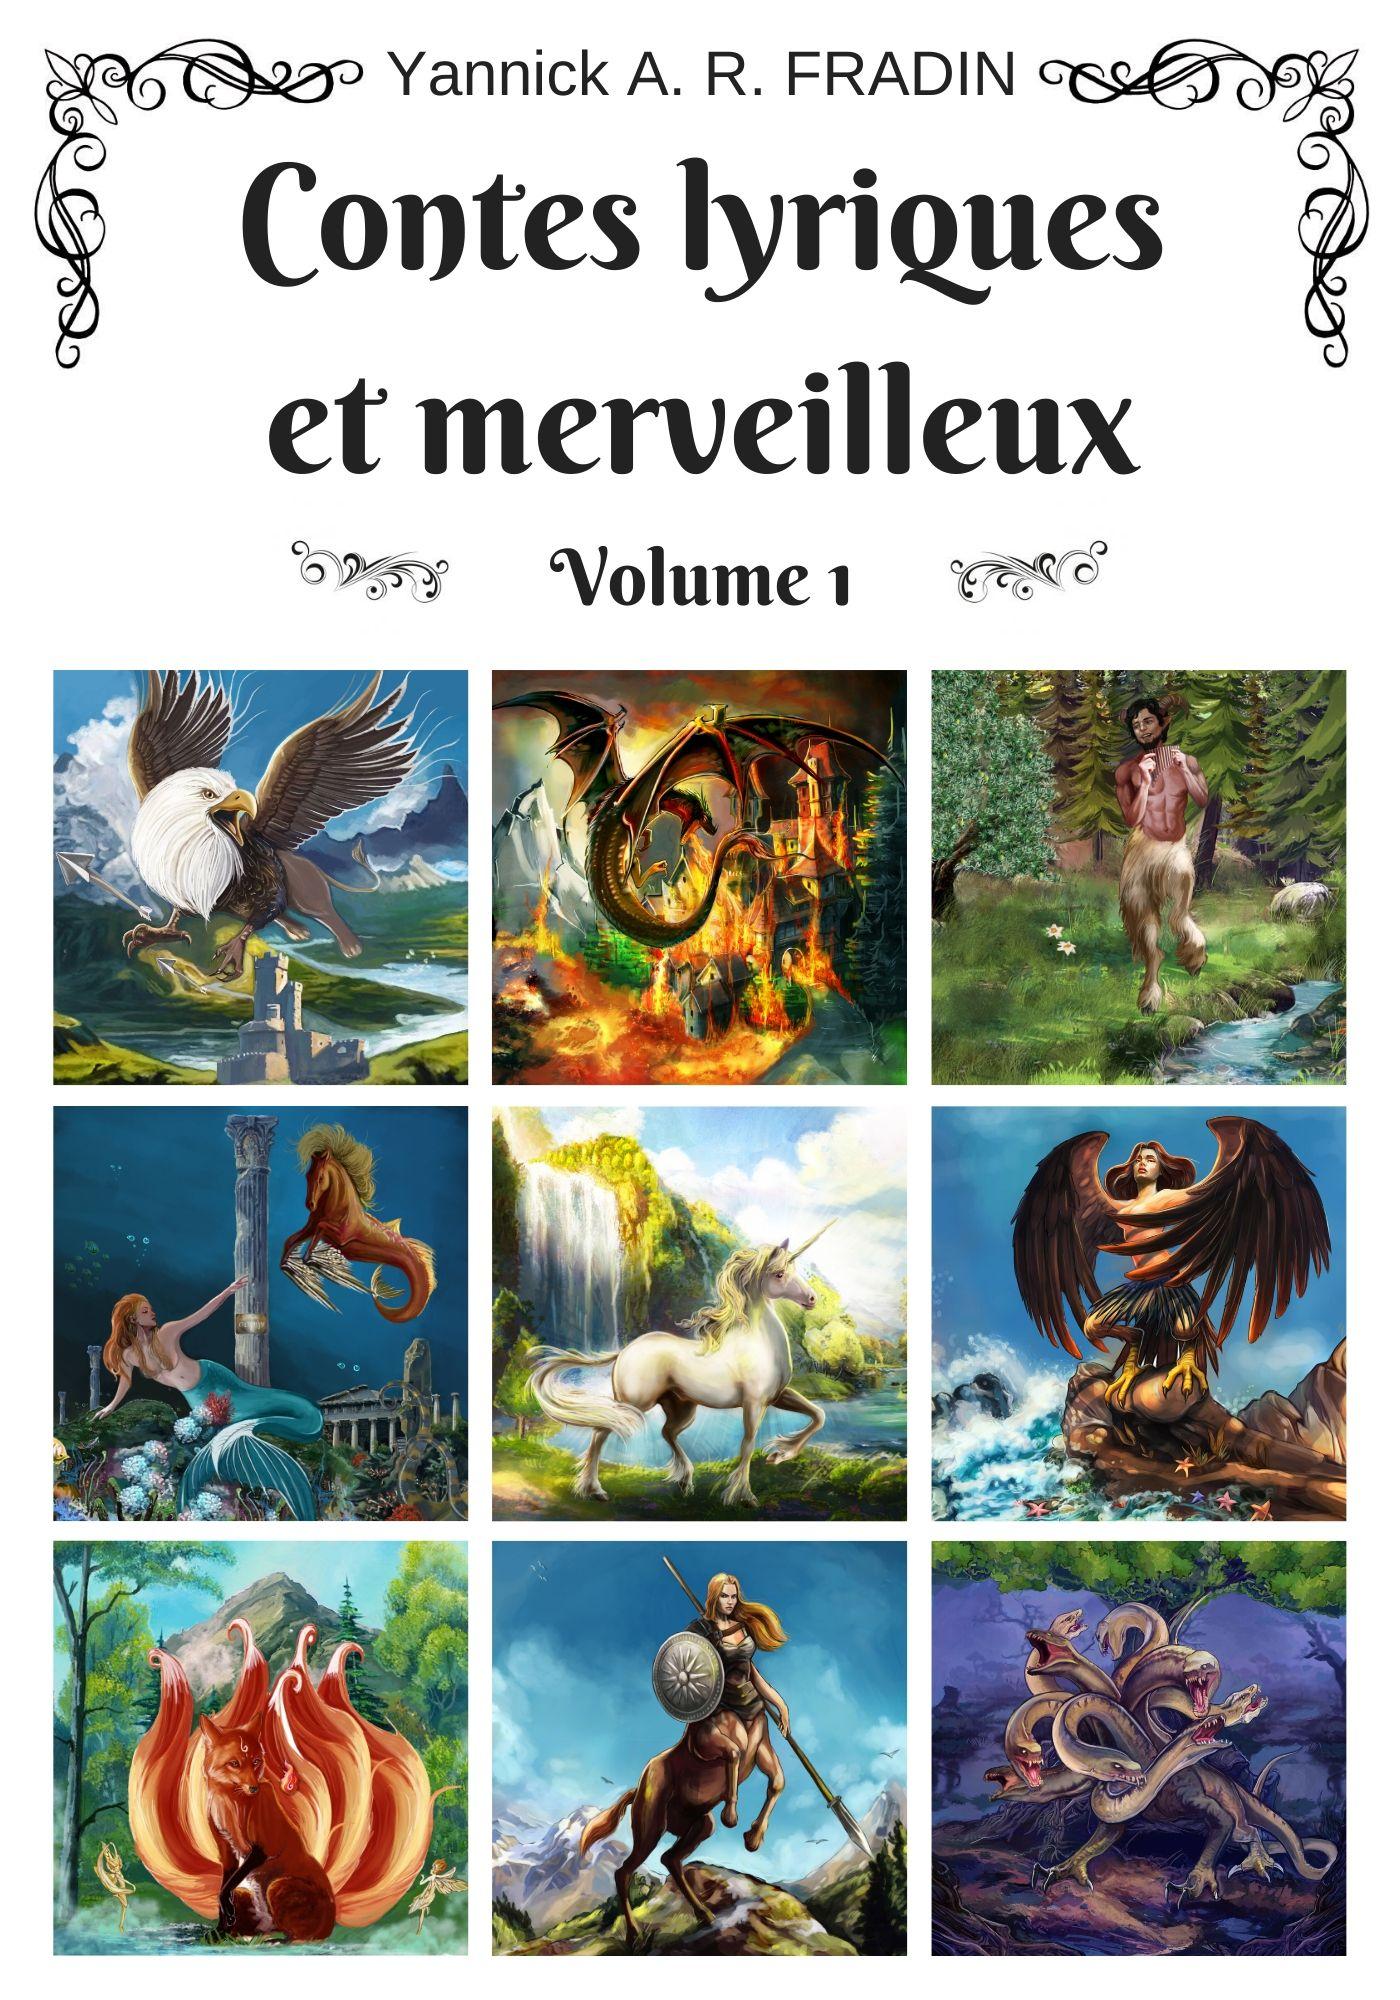 Contes lyriques et merveilleux - volume 1 - couv base